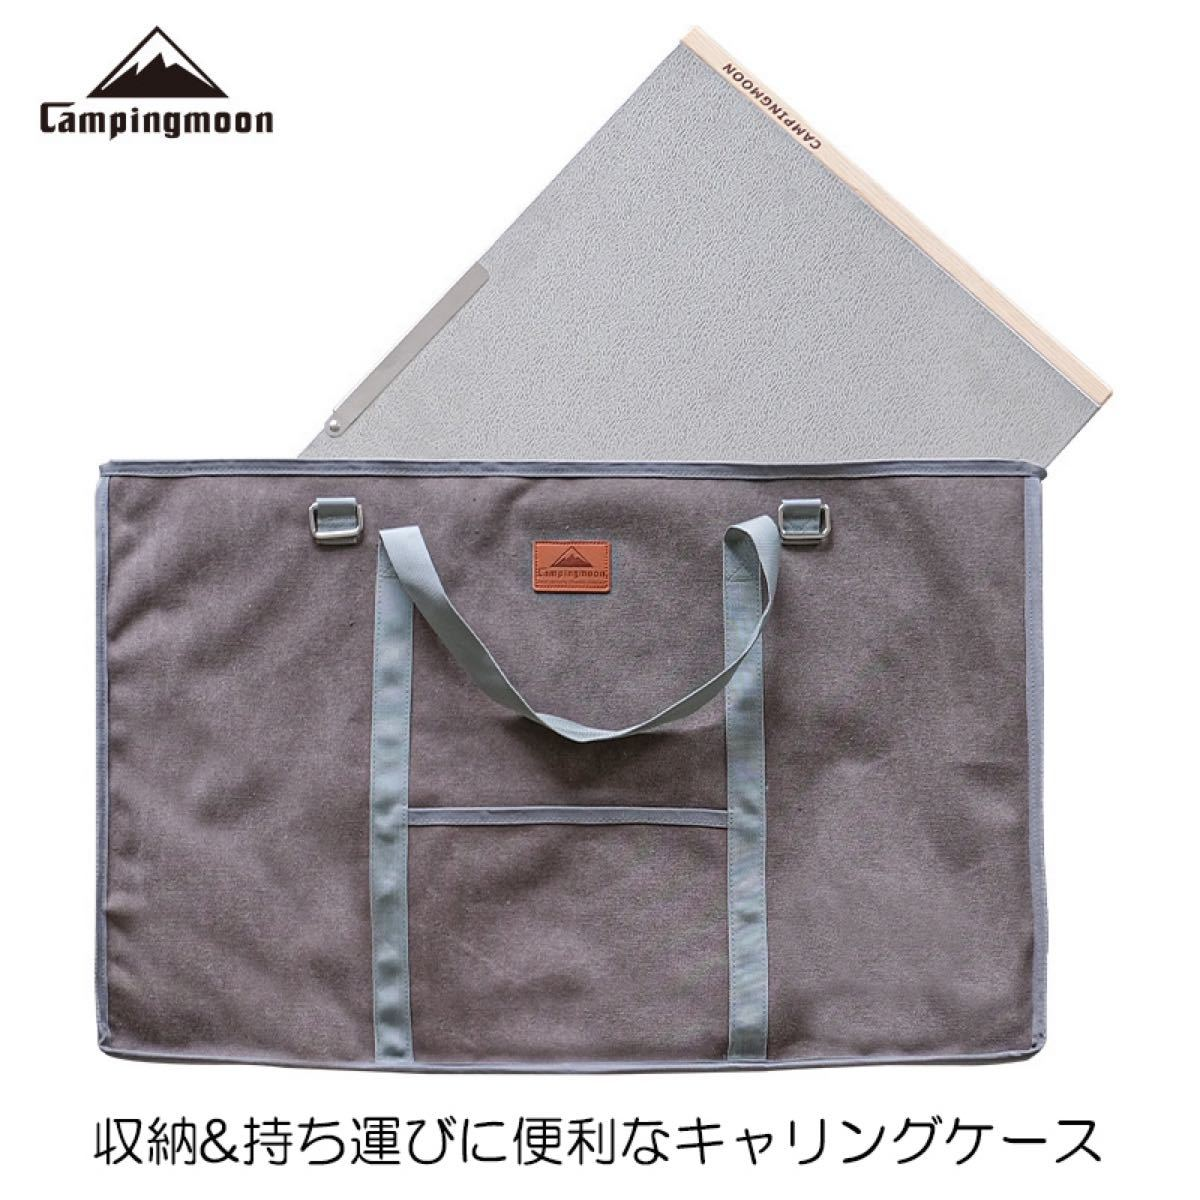 ★CAMPING MOON★キャンピングムーン★ステンレストップテーブルセット★ラージサイズ★収納BAG付★T-380-1T★